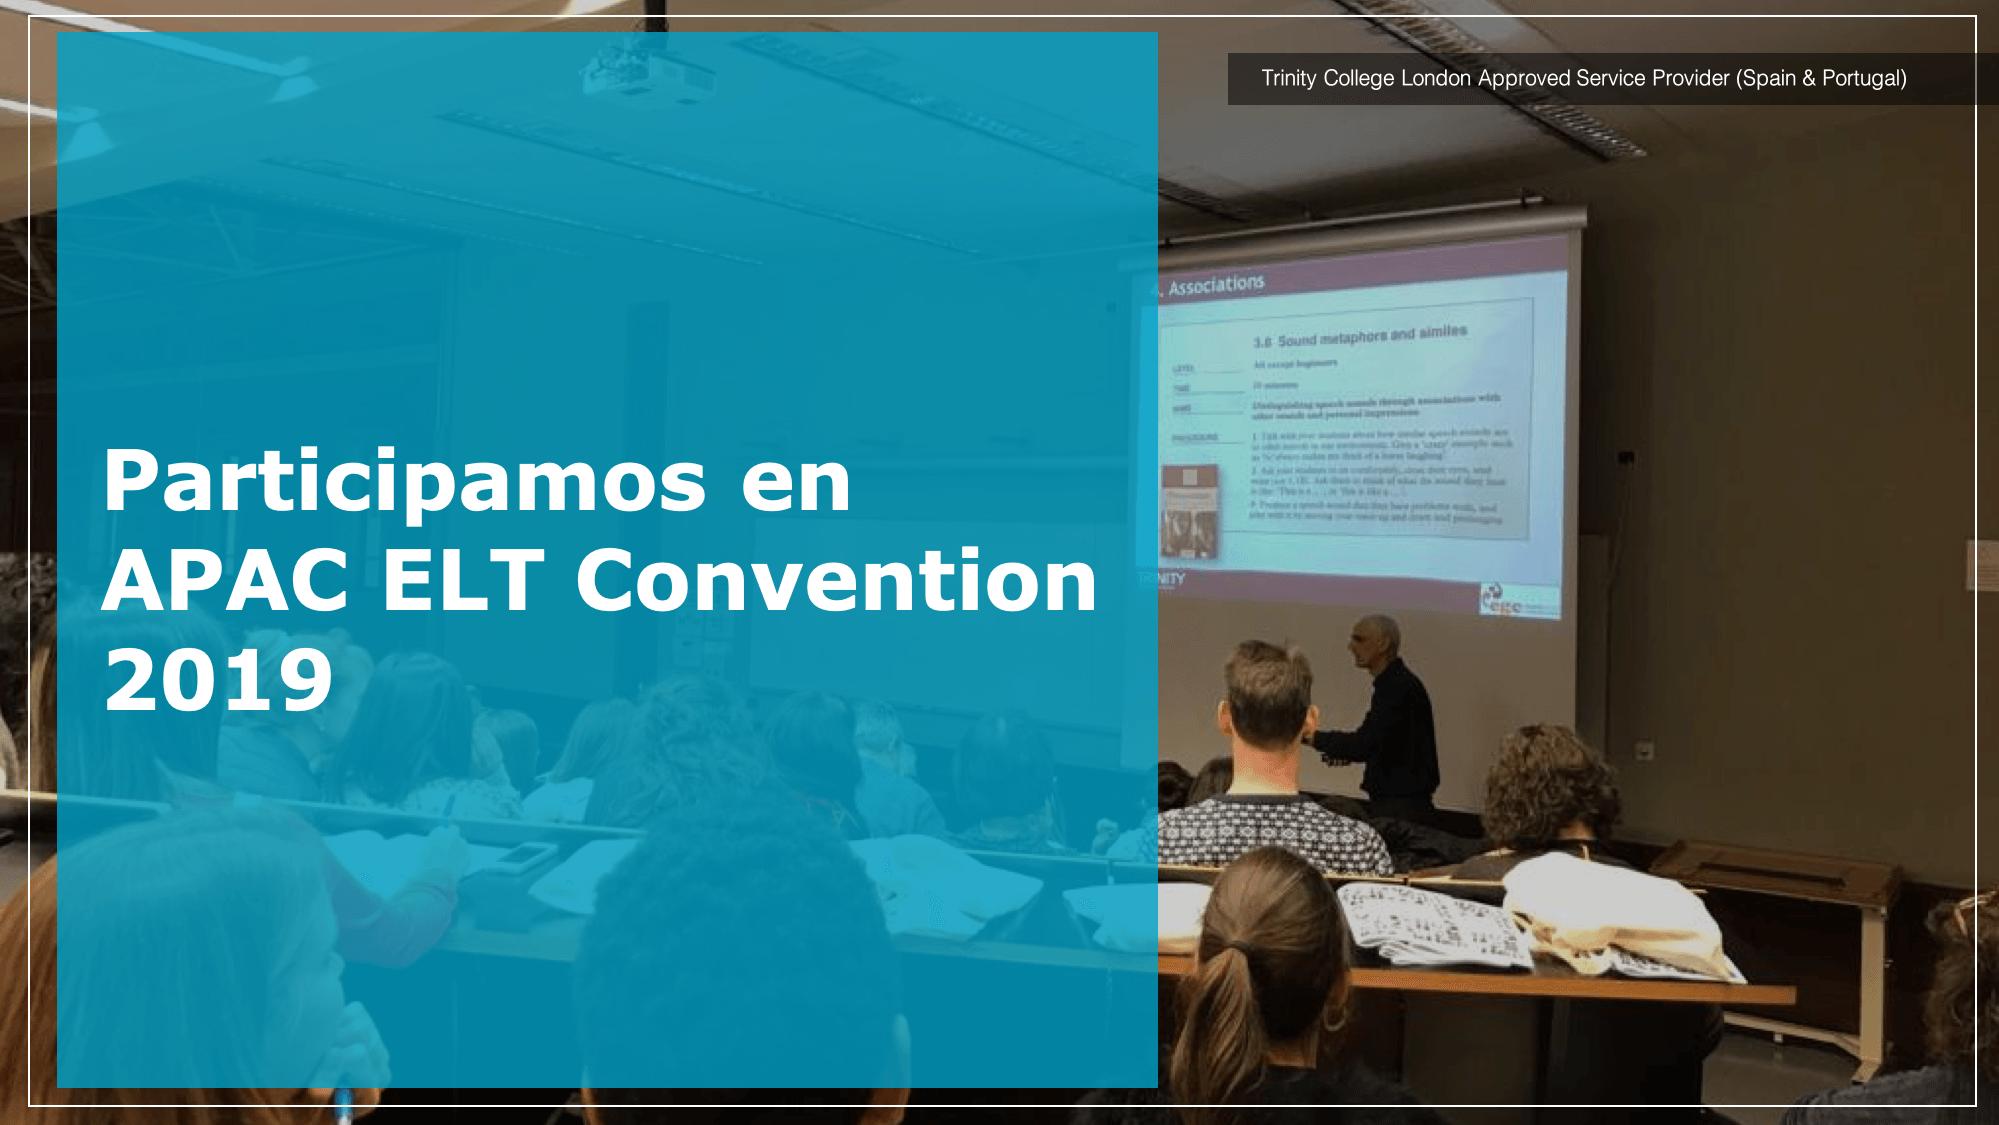 Participamos en  APAC ELT Convention 2019